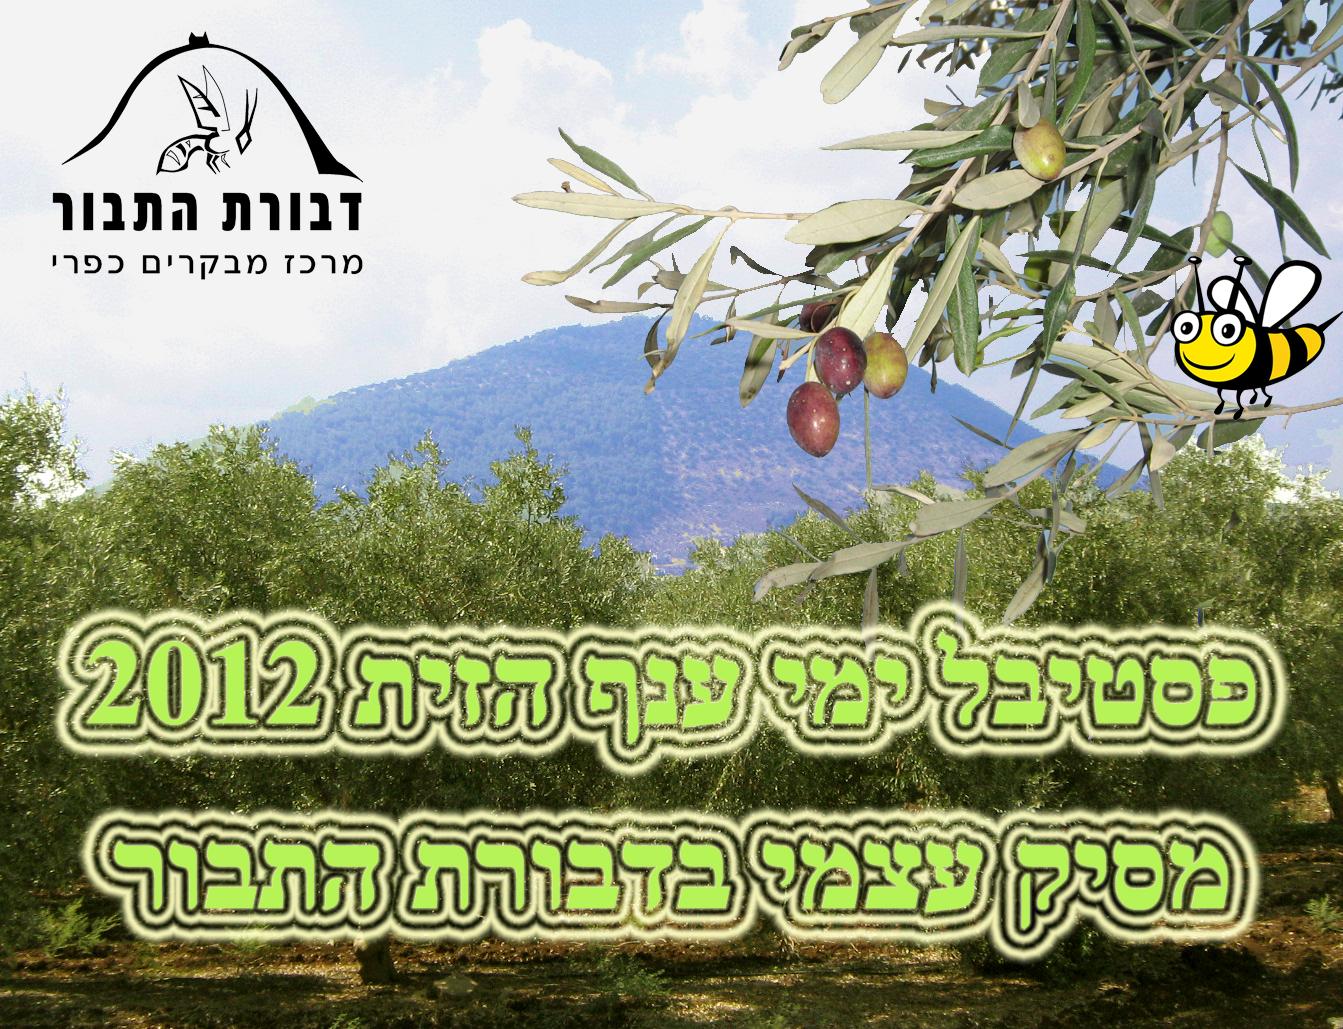 פעילות לילדים בפסטיבל ימי ענף הזית